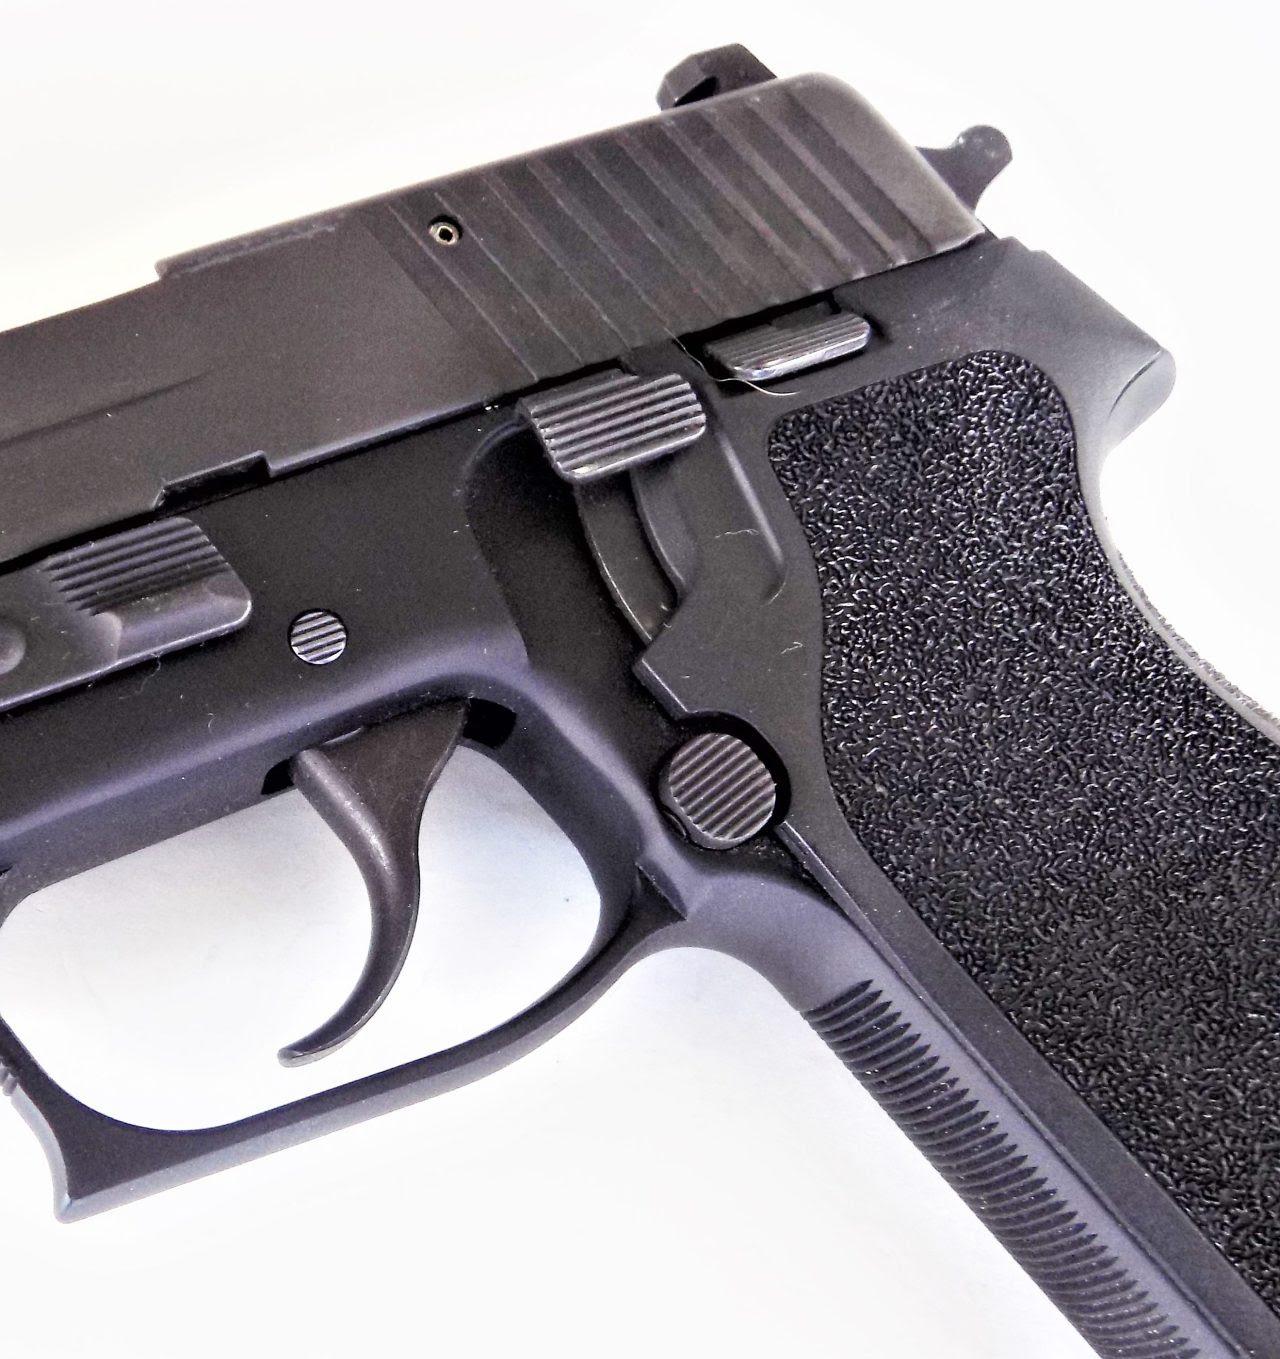 SIG Carry Guns